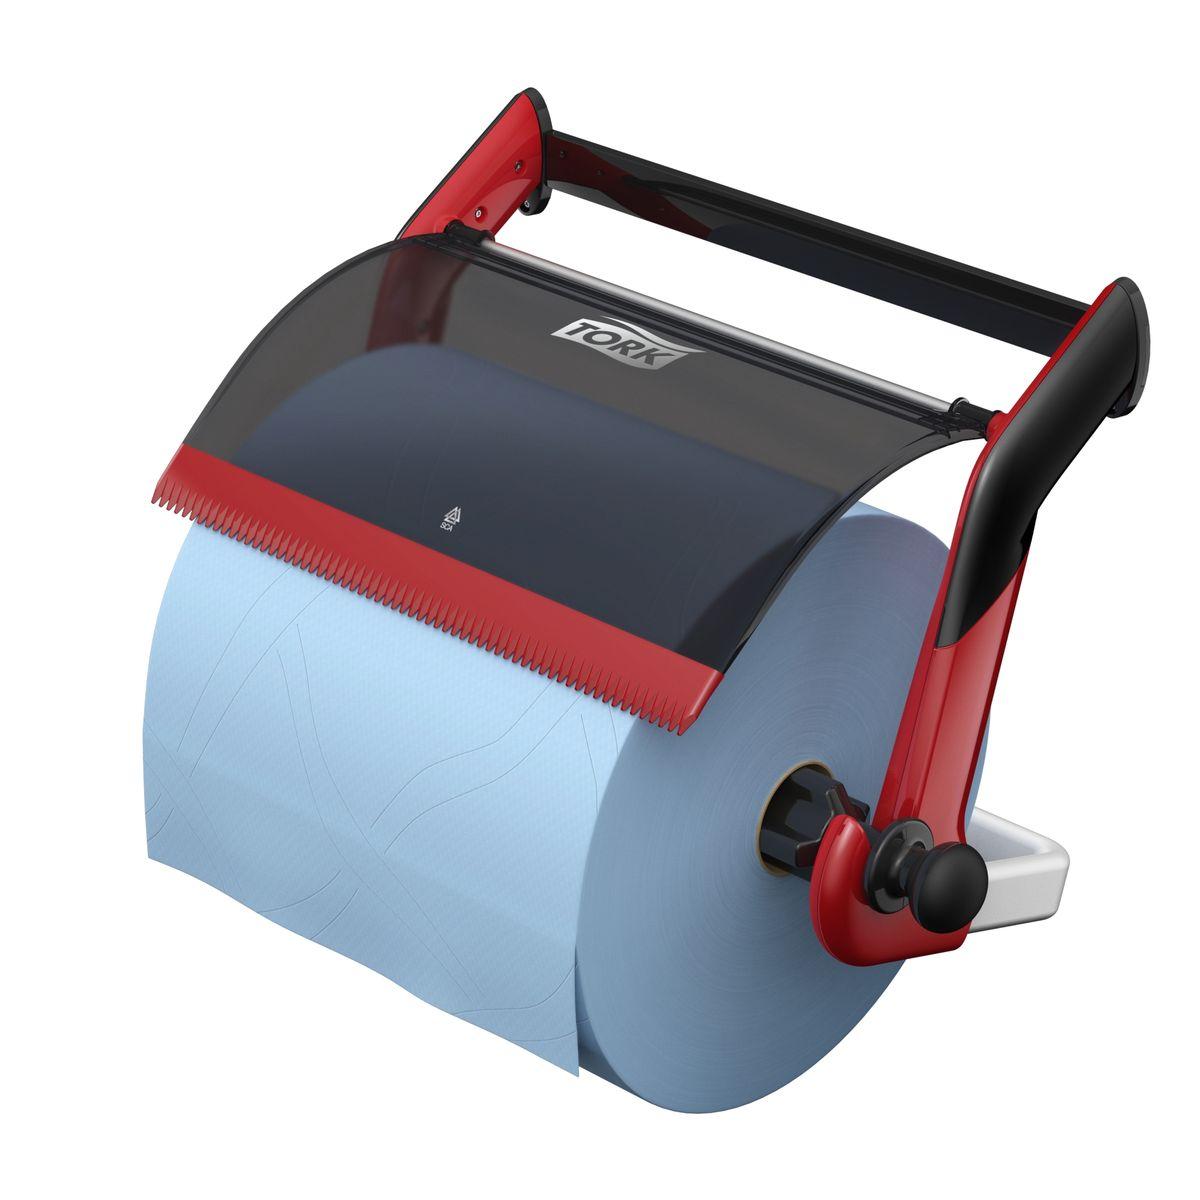 Диспенсер для туалетной бумаги Tork, цвет: красный. 65210868/5/3Держатель для протирочных материалов Tork.Настенный держатель обладает прочной конструкцией и позволит сэкономить место.Быстро и легко менять расходный материал.